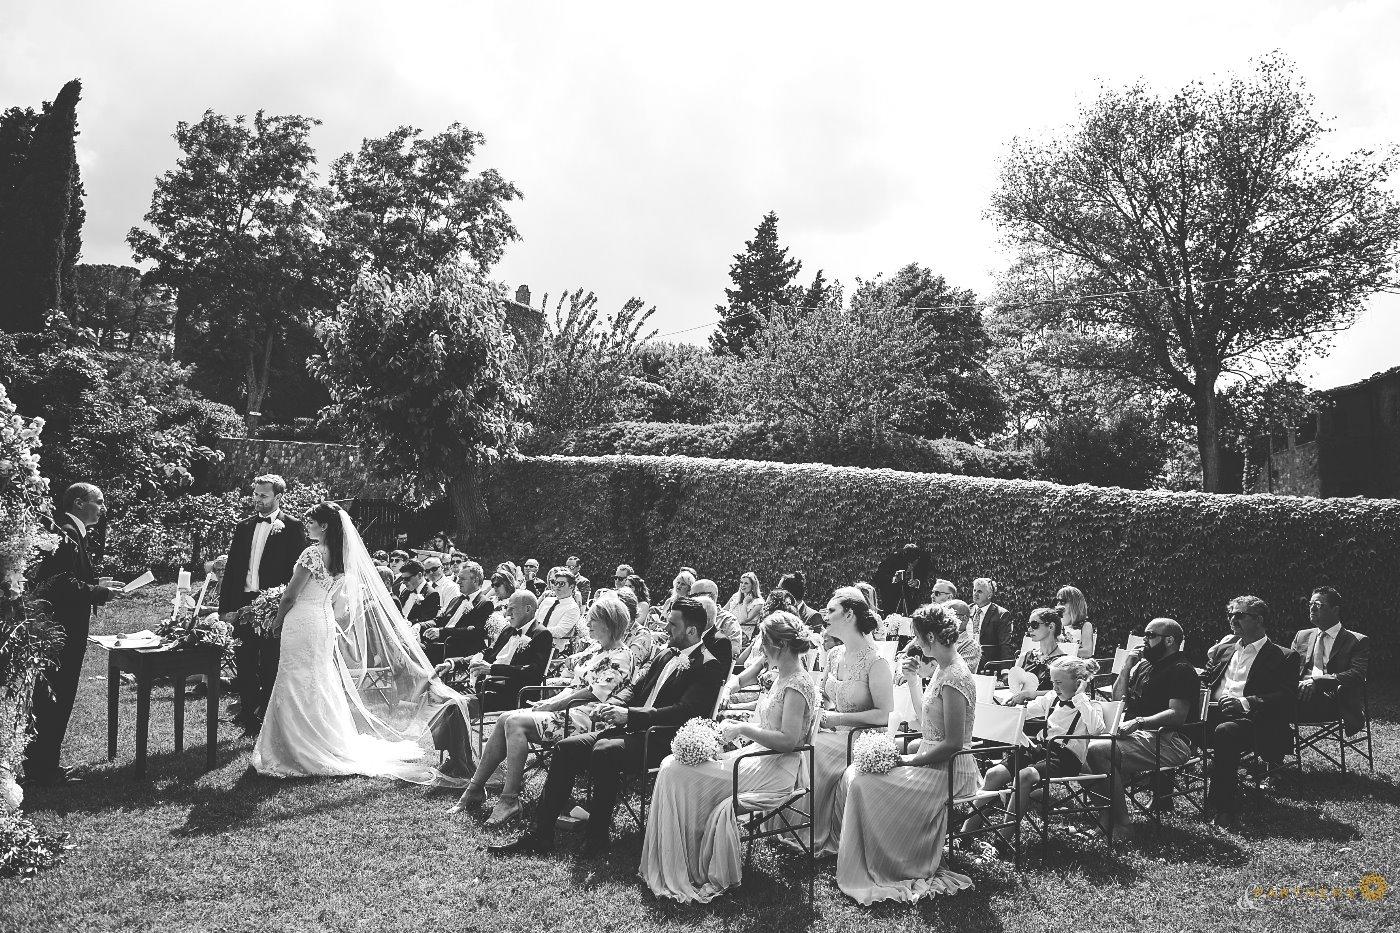 wedding_photos_borgo_castelvecchio_11.jpg